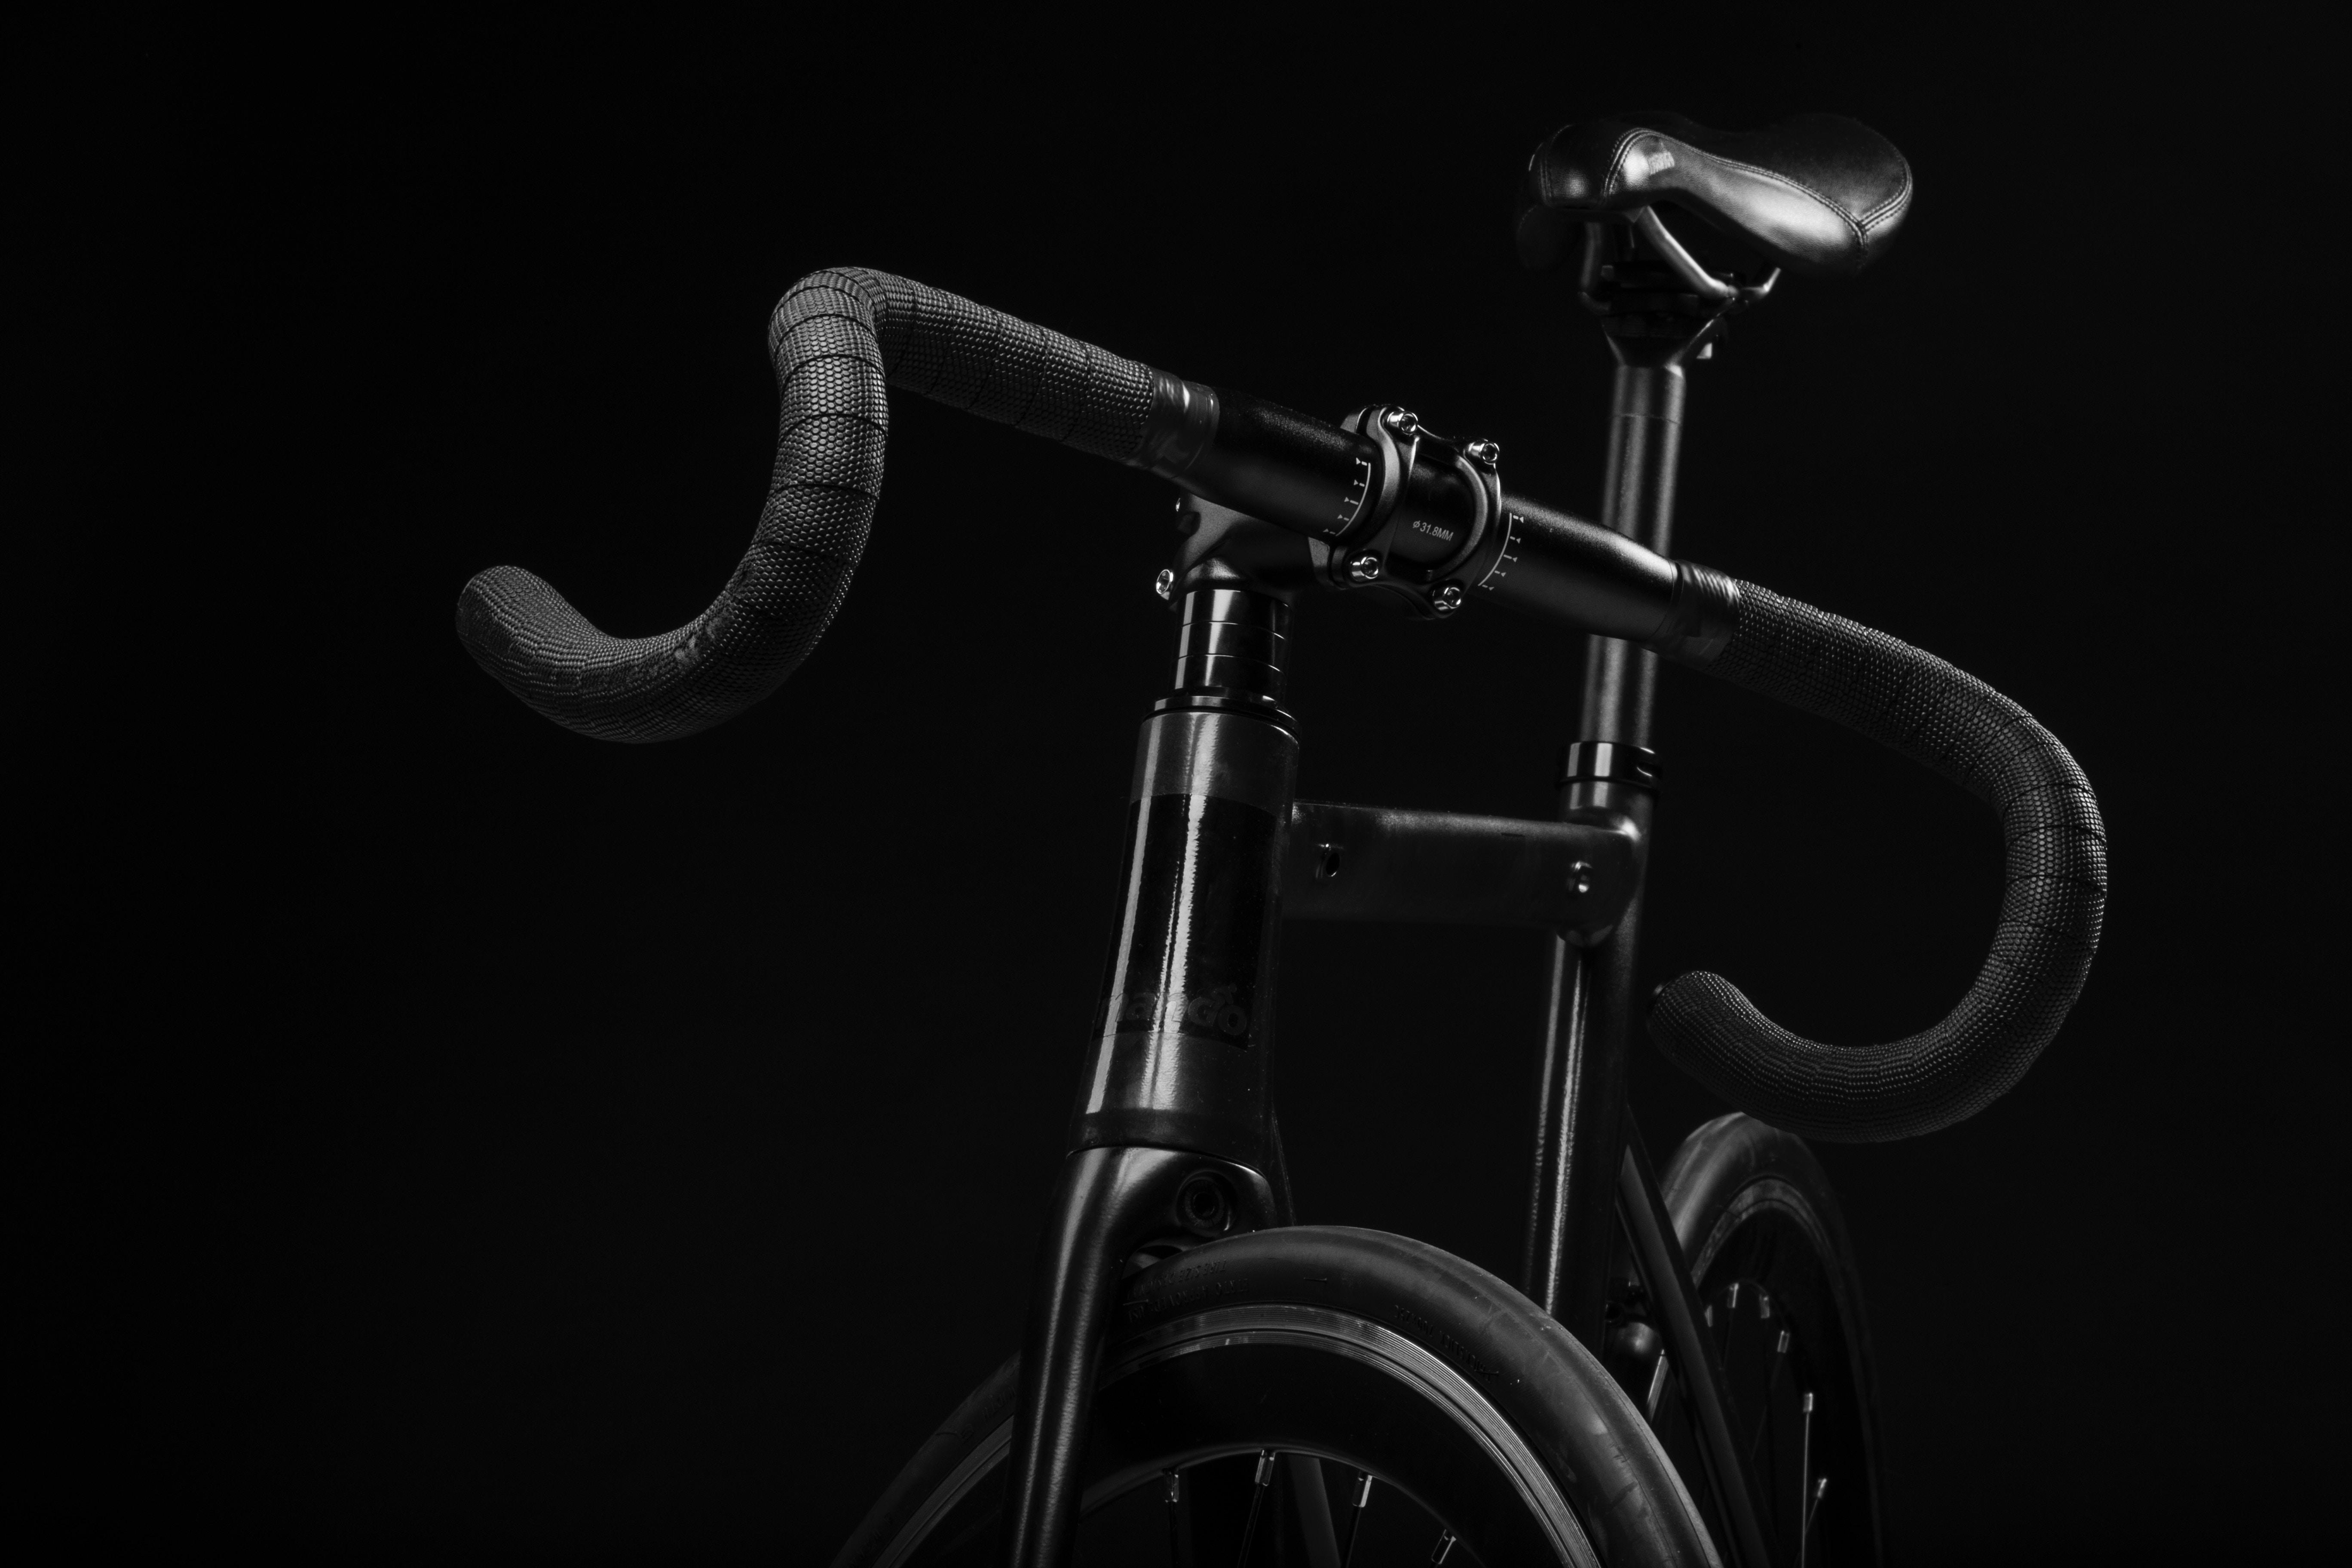 Hình nền xe đạp đen sang trọng